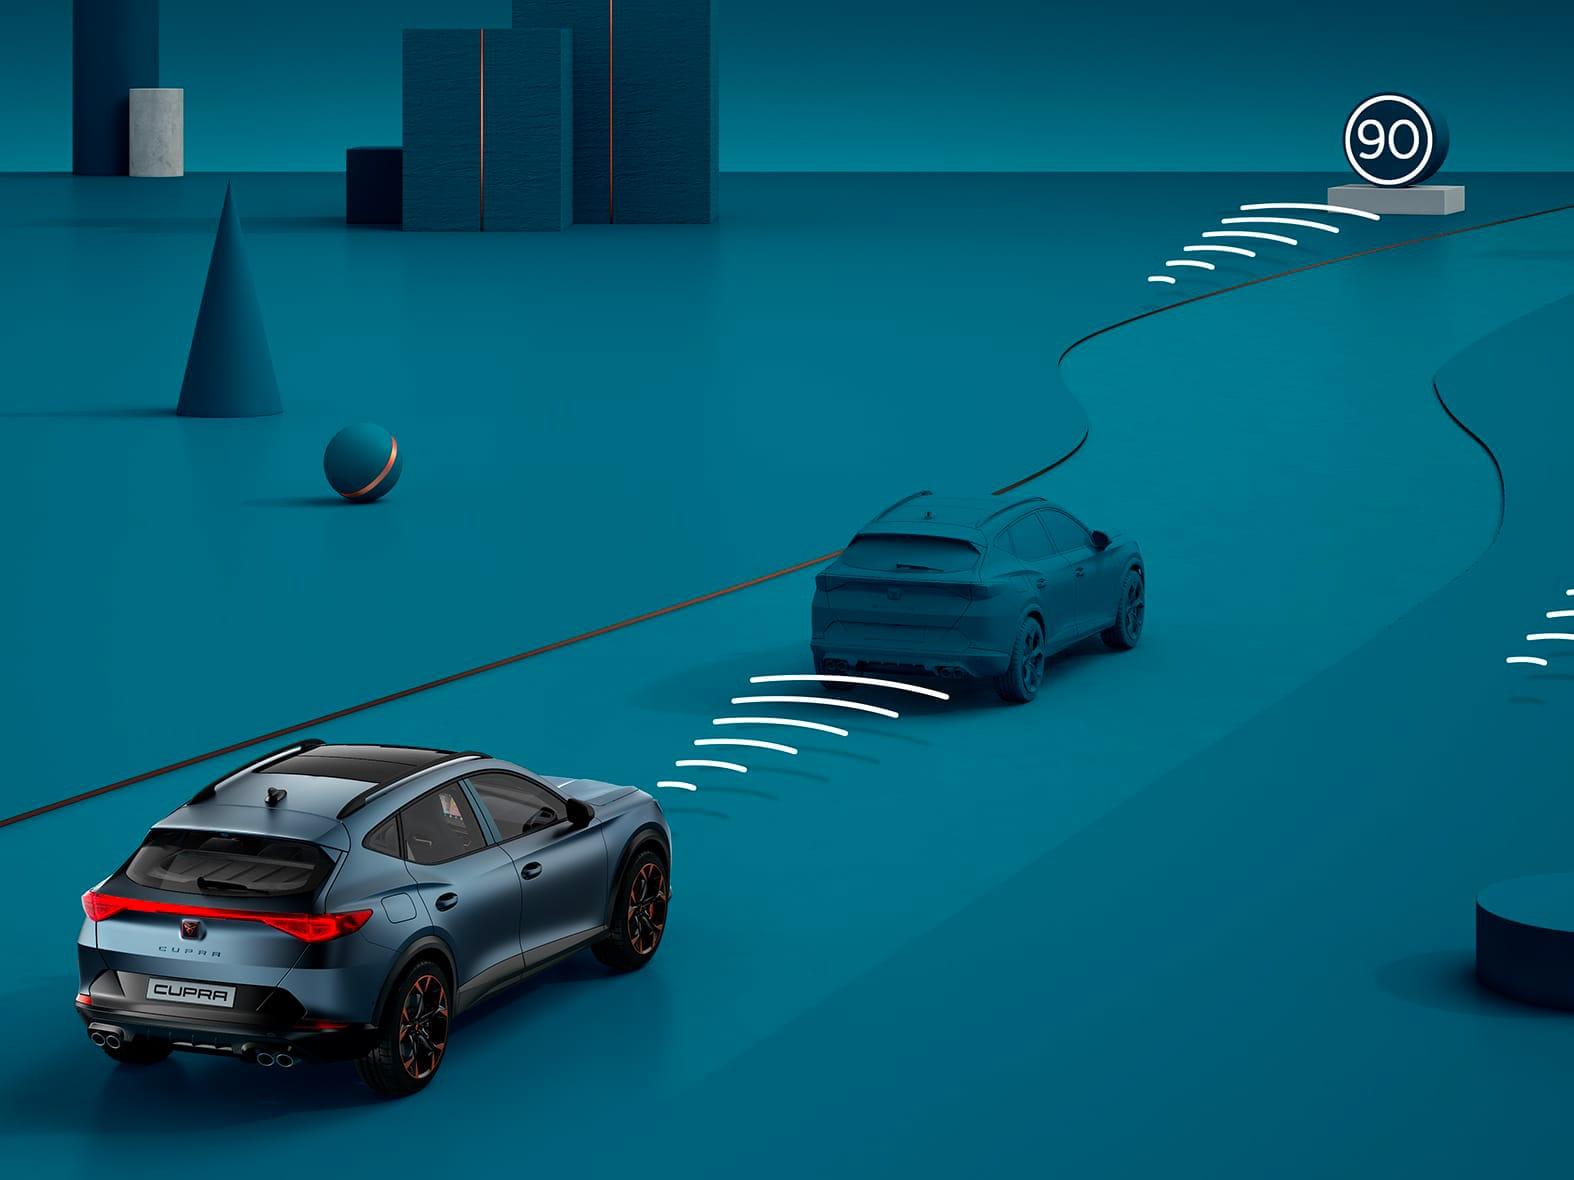 Nouvelle CUPRA Leon 5 portes ehybrid voiture de sport compacte fonctions de sécurité acc prédictif